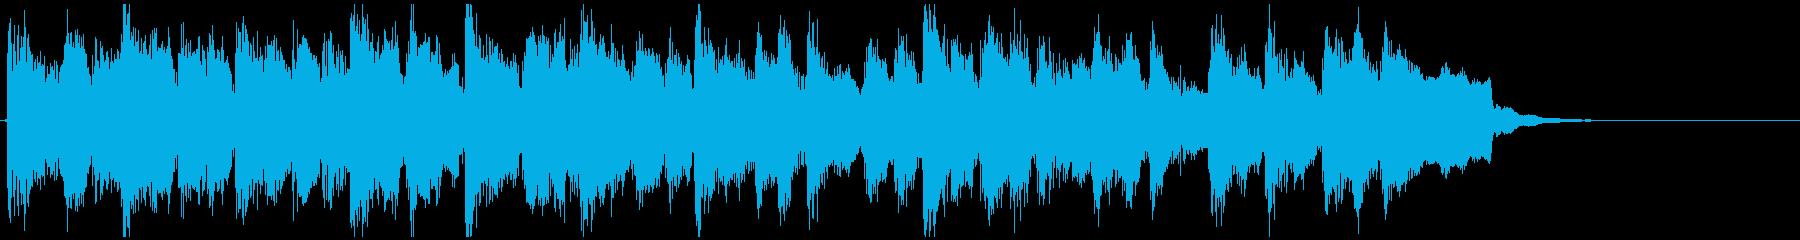 少し不思議なポストロック◆15秒CM向けの再生済みの波形